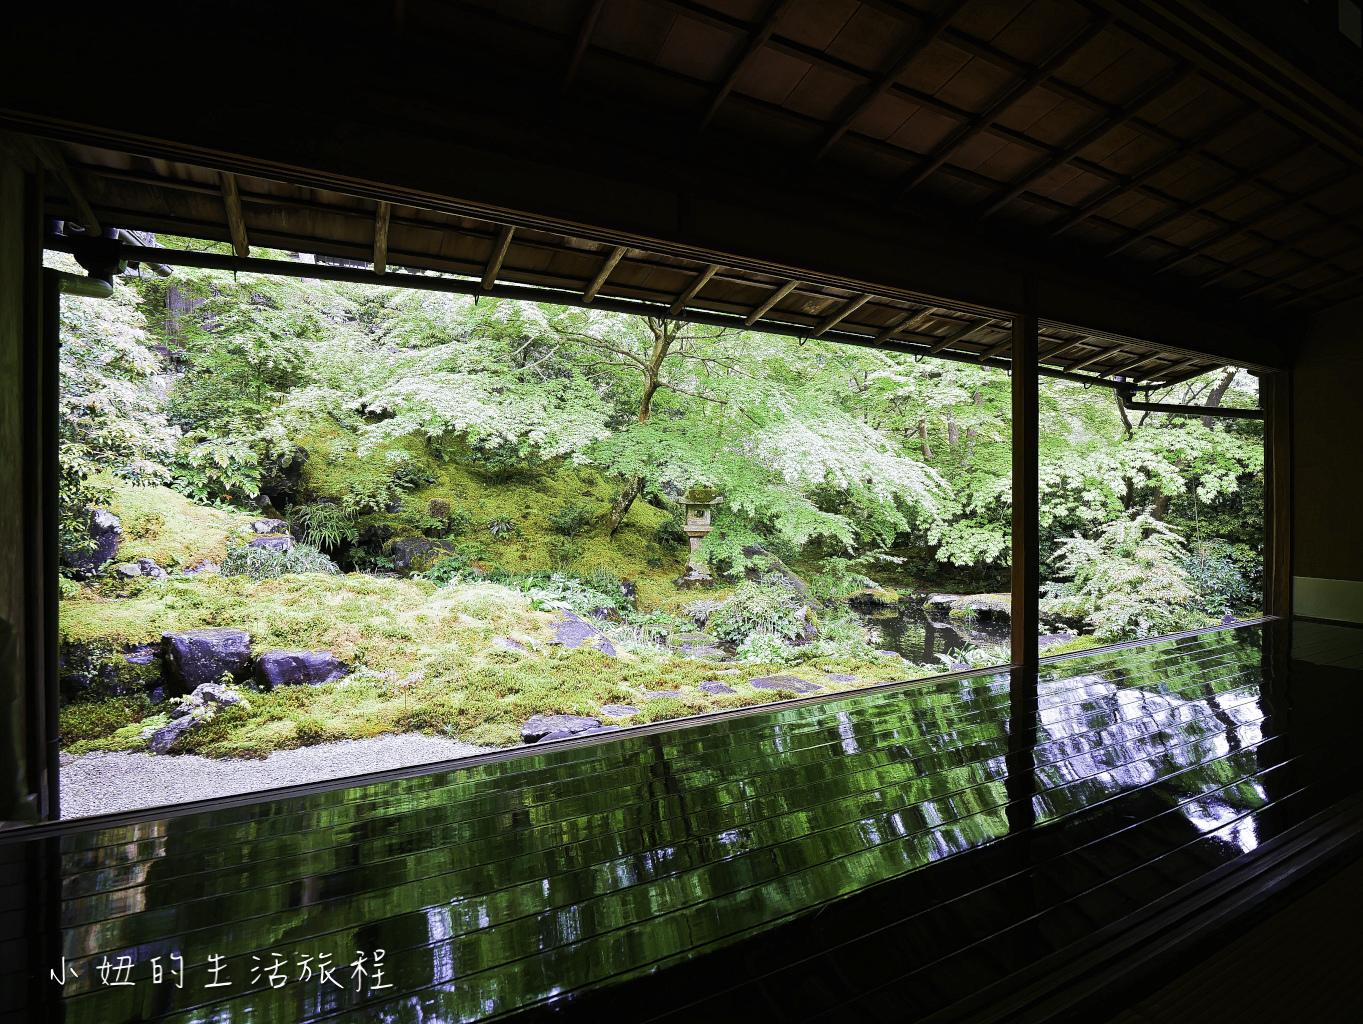 京都、大阪觀光乘車券(鞍馬&貴船地區擴大版)-58.jpg